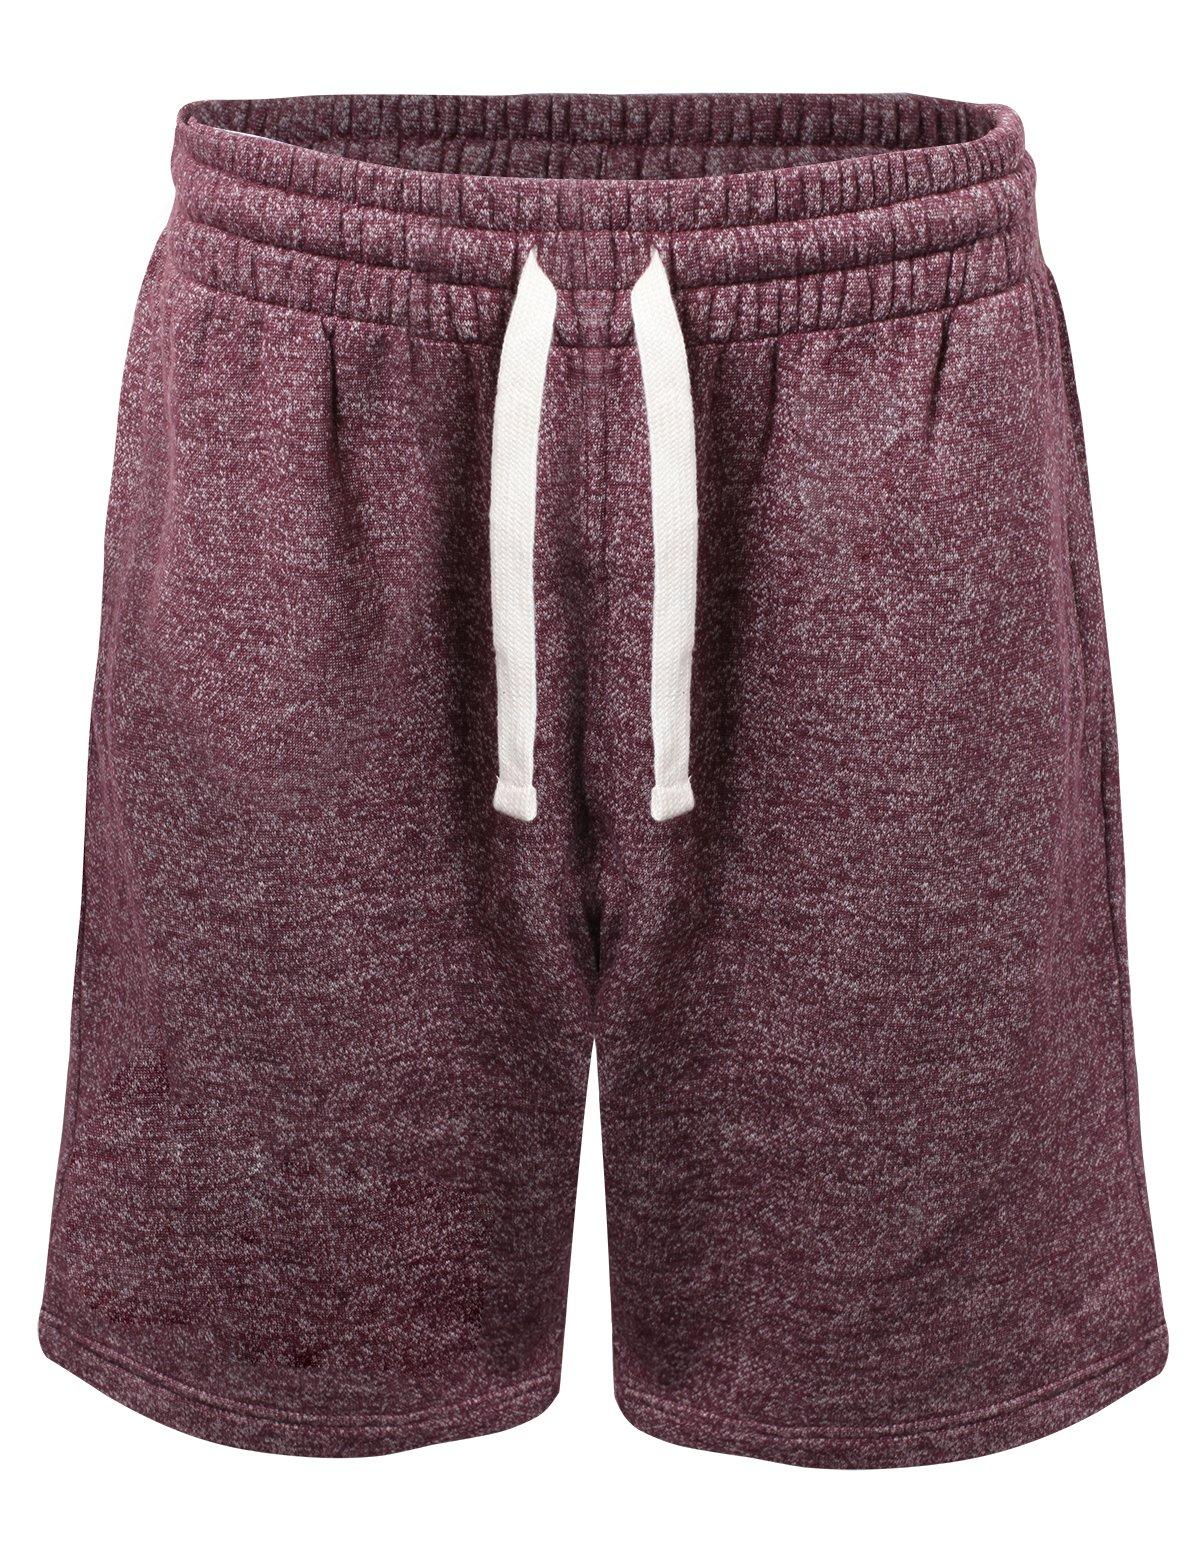 ProGo Men's Casual Basic Fleece Marled Shorts Pants with Elastic Waist (Burgundy, Large) by PROGO USA